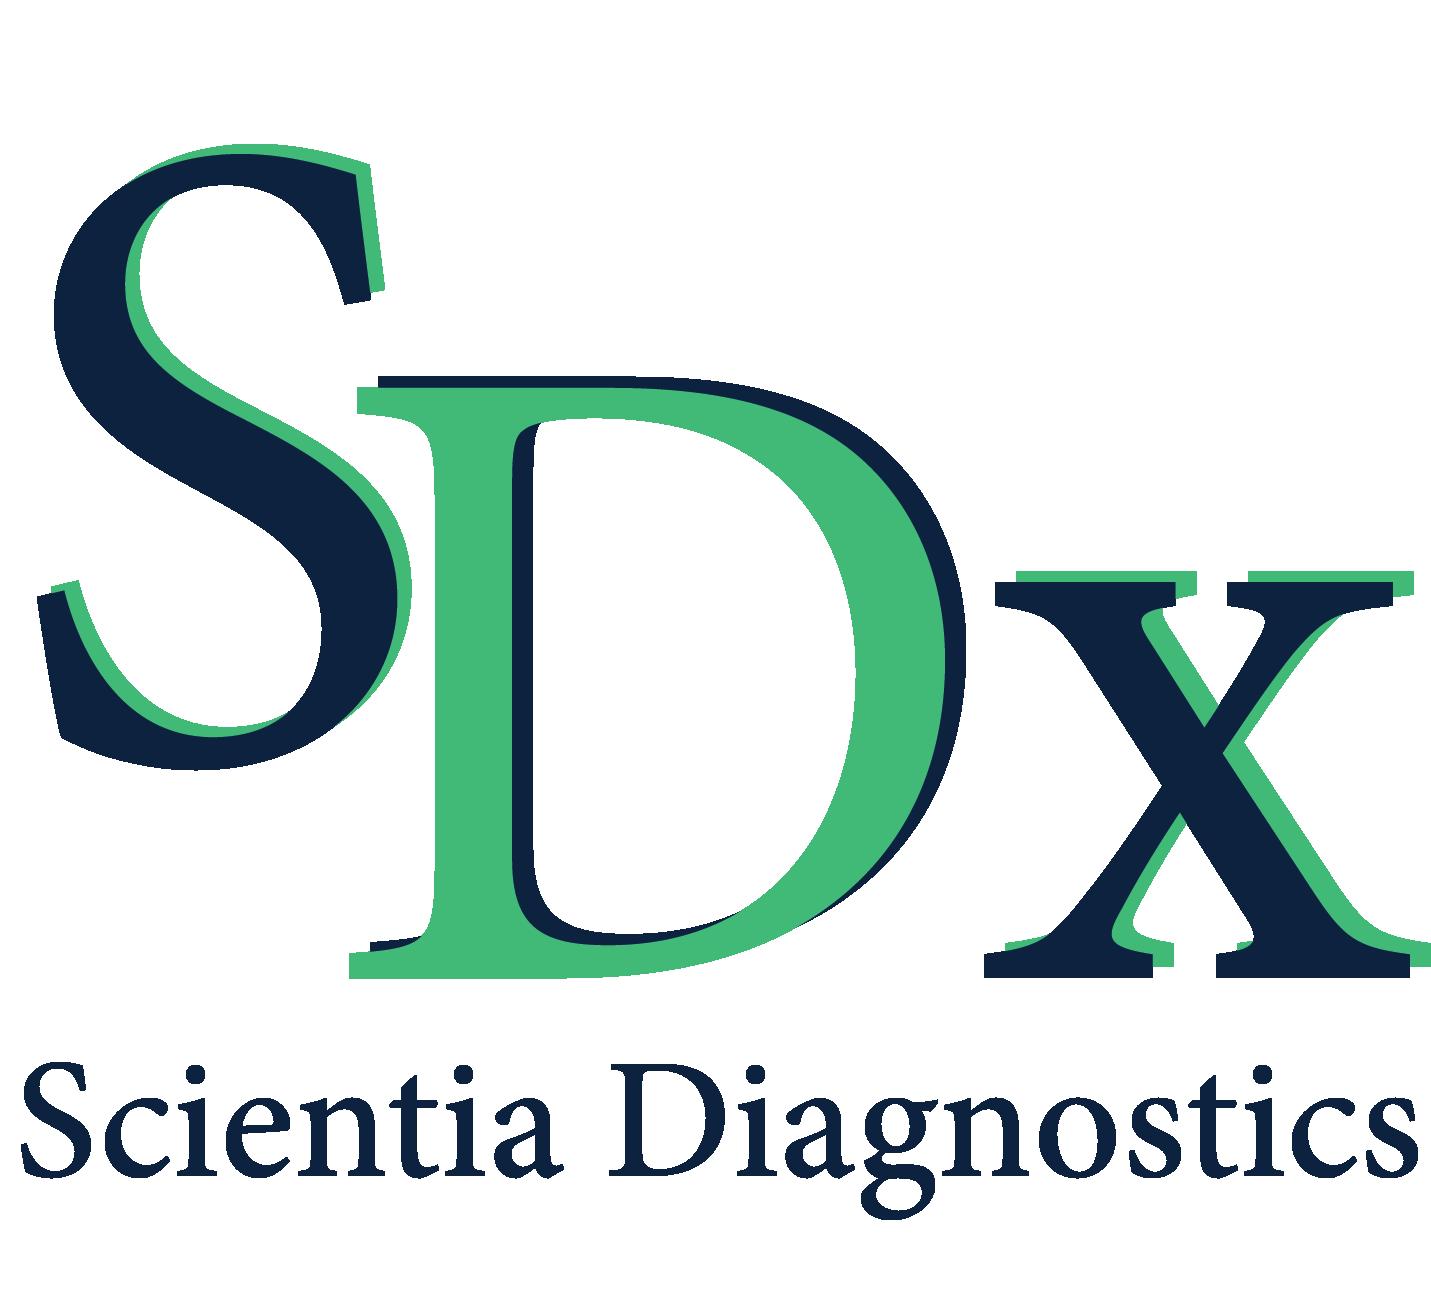 Scientia Diagnostics